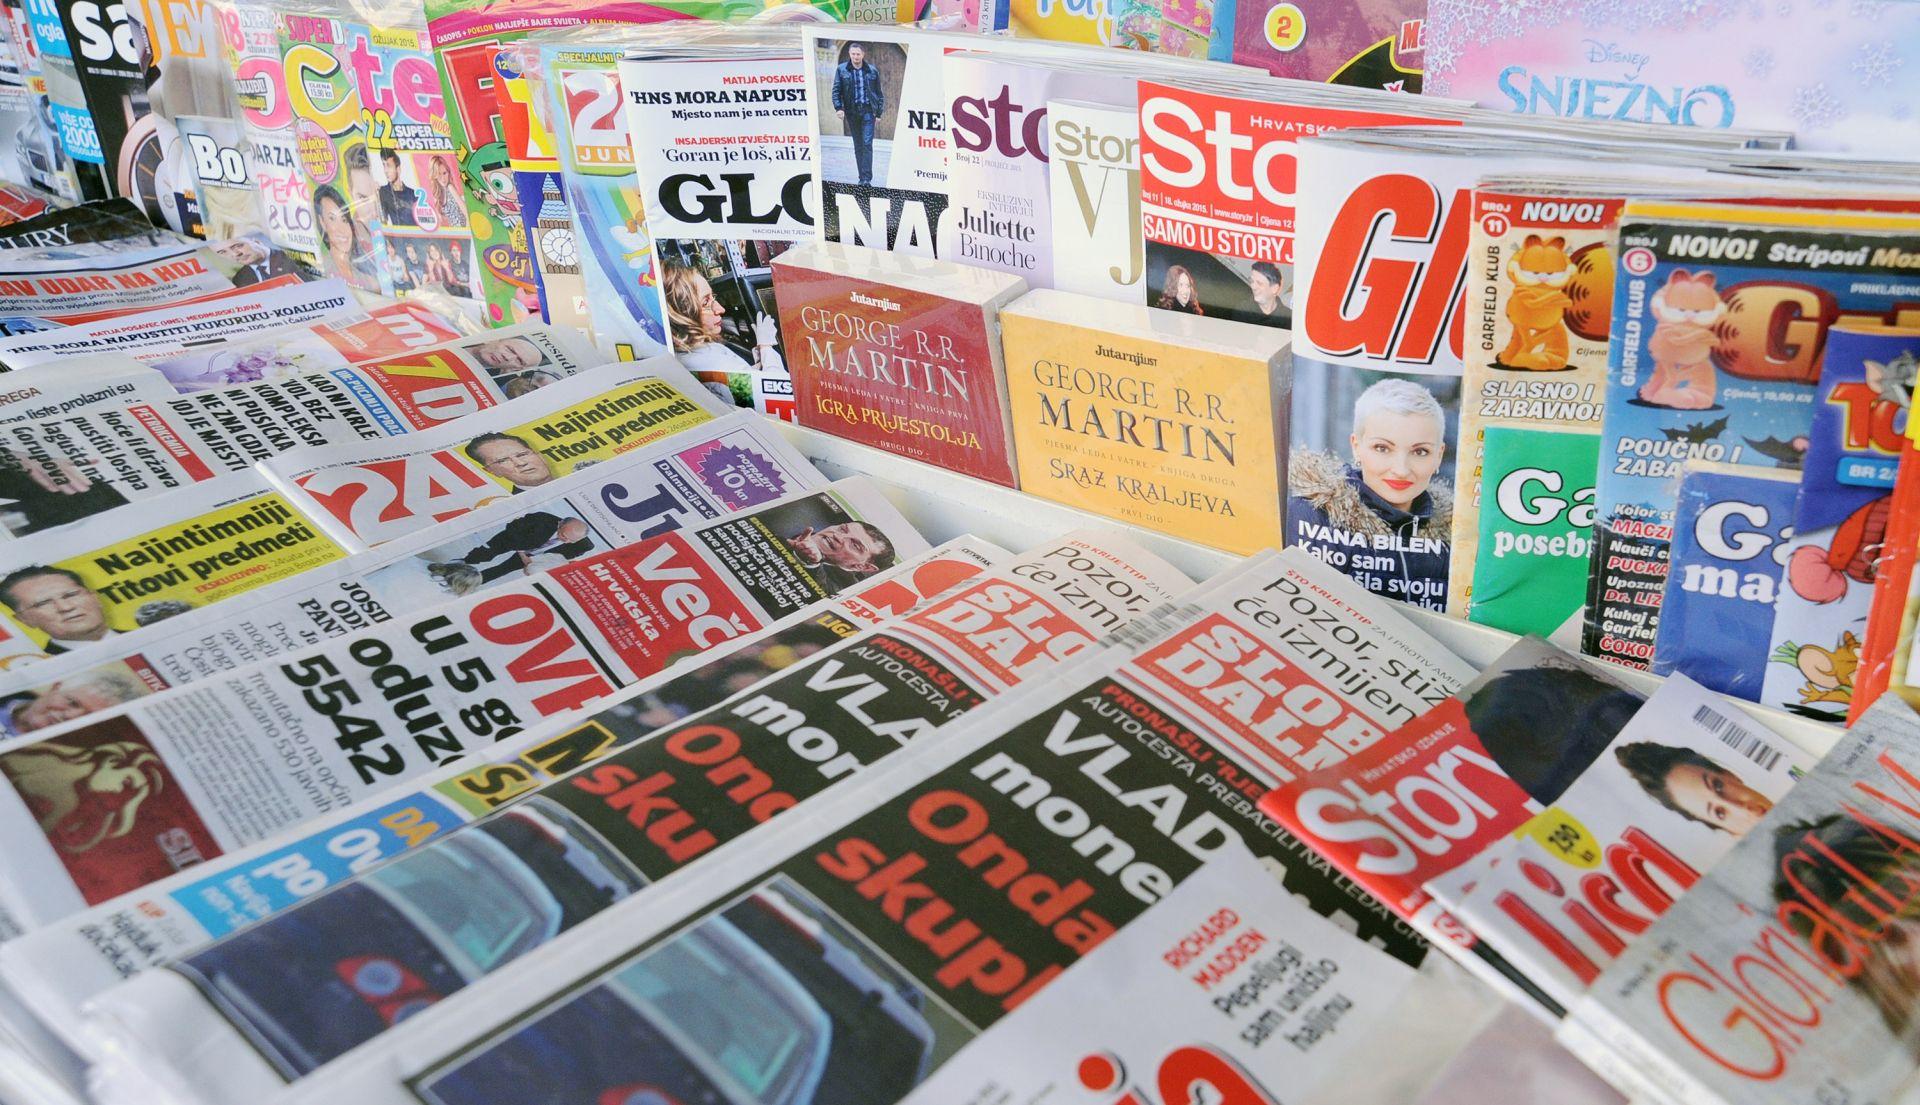 Sud vratio na posao radnicu Vjesnika koja je 2010. dobila otkaz zbog navodne krađe novina